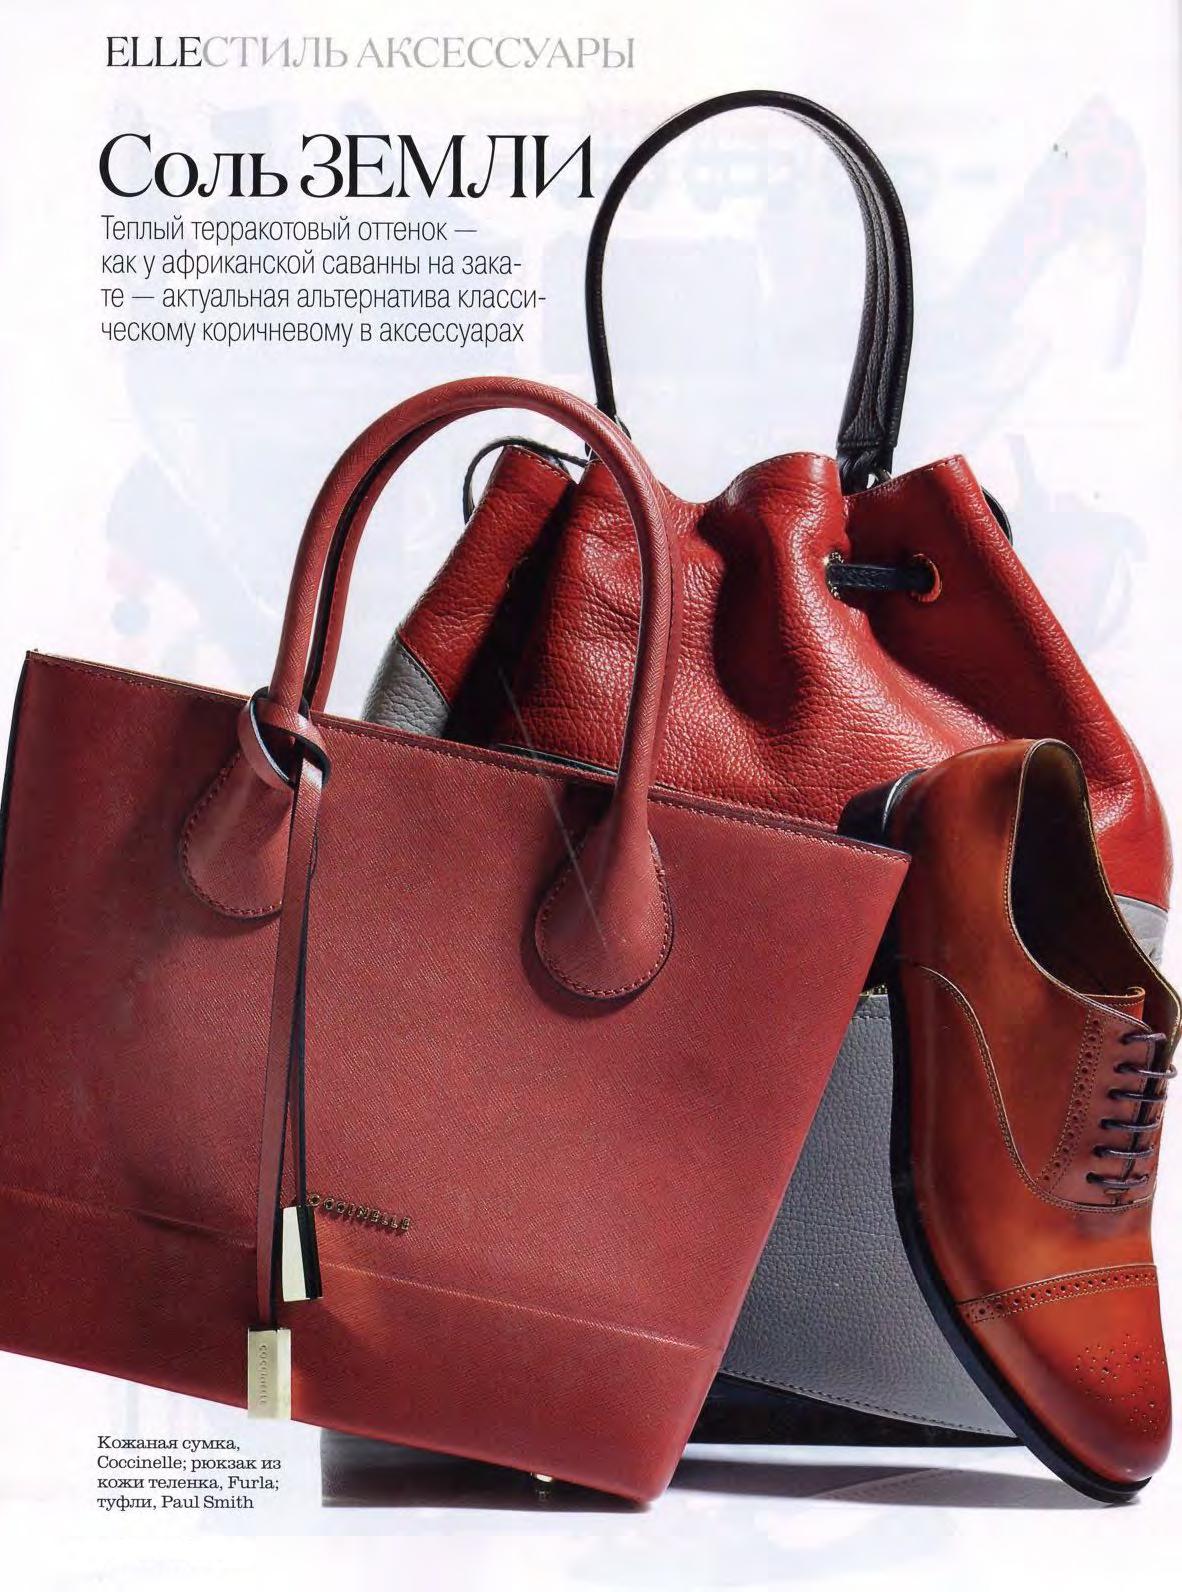 Терракотовая сумка - в стиле последних тенденций